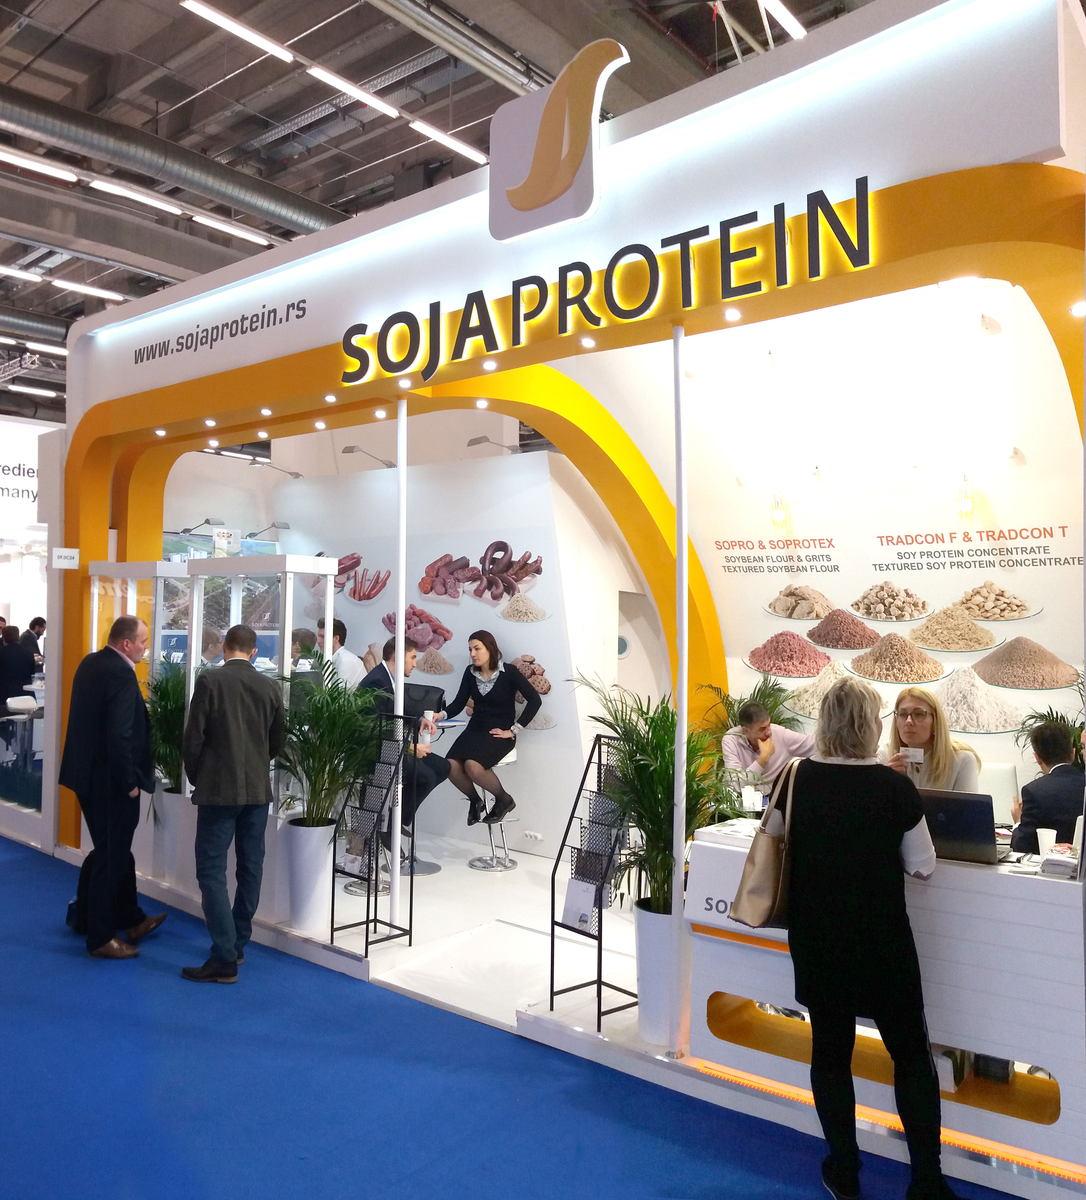 Sojaprotein